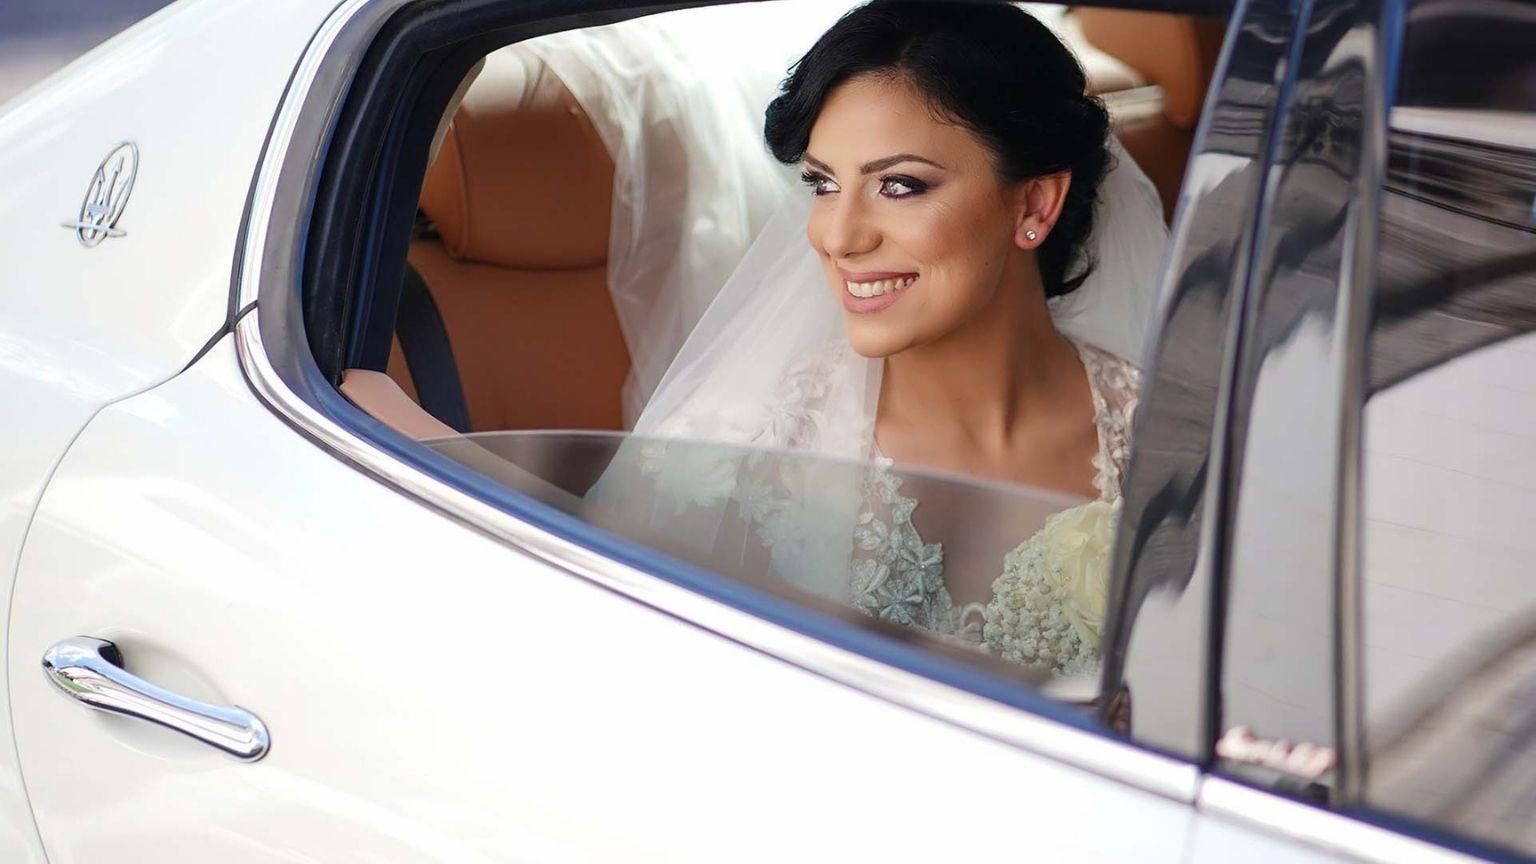 Noleggio auto per le nozze: consigli per la scelta